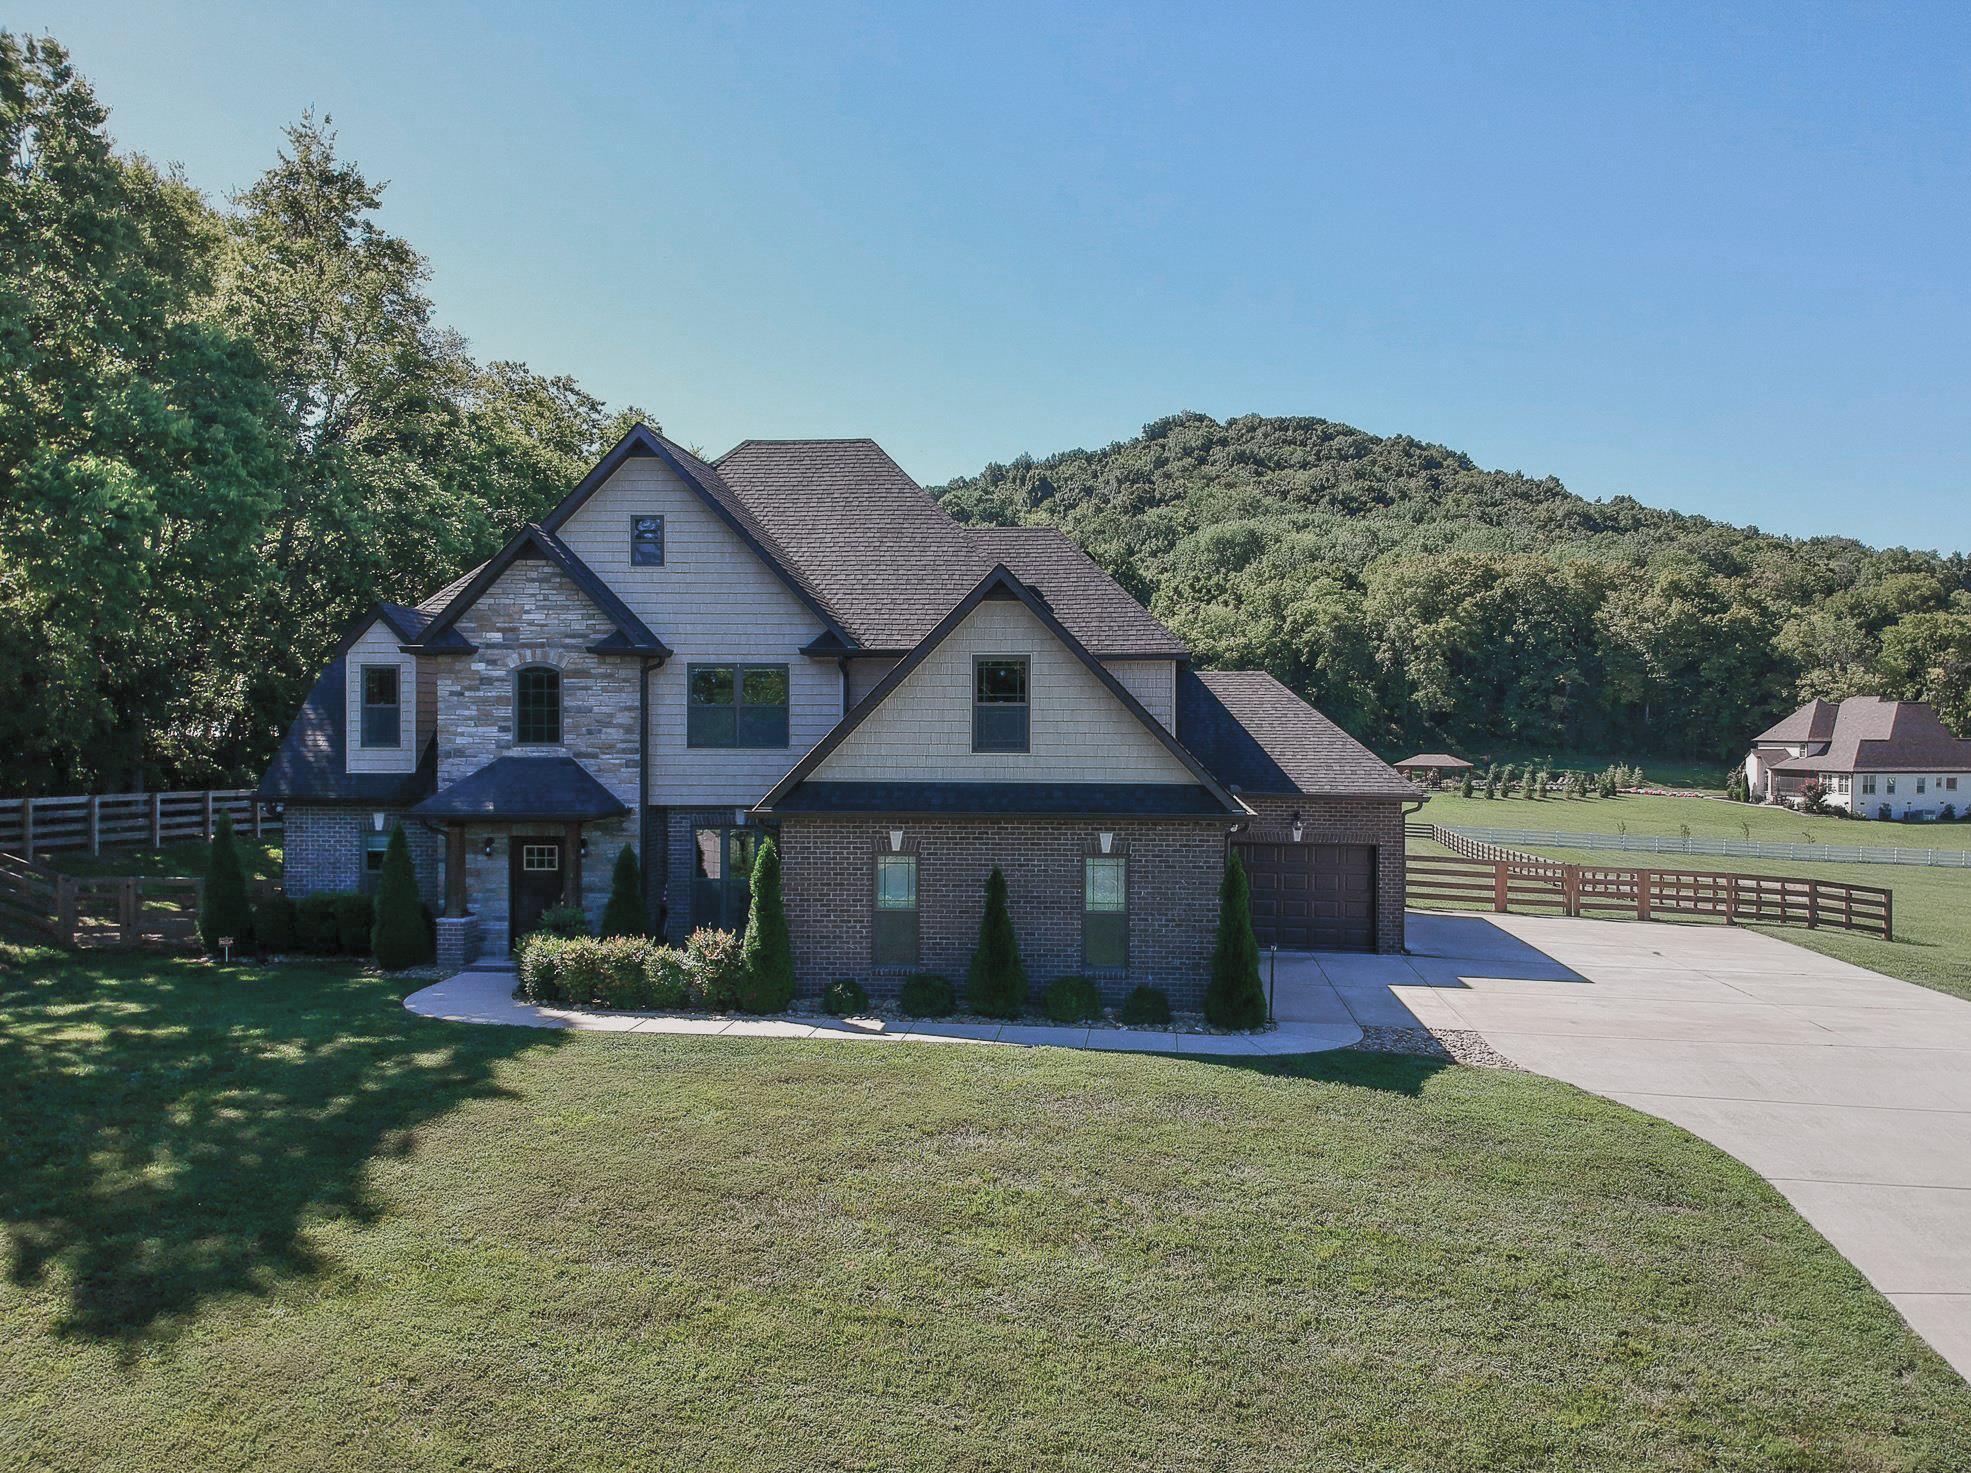 1705 Allisona Rd, Eagleville, TN 37060 - Eagleville, TN real estate listing